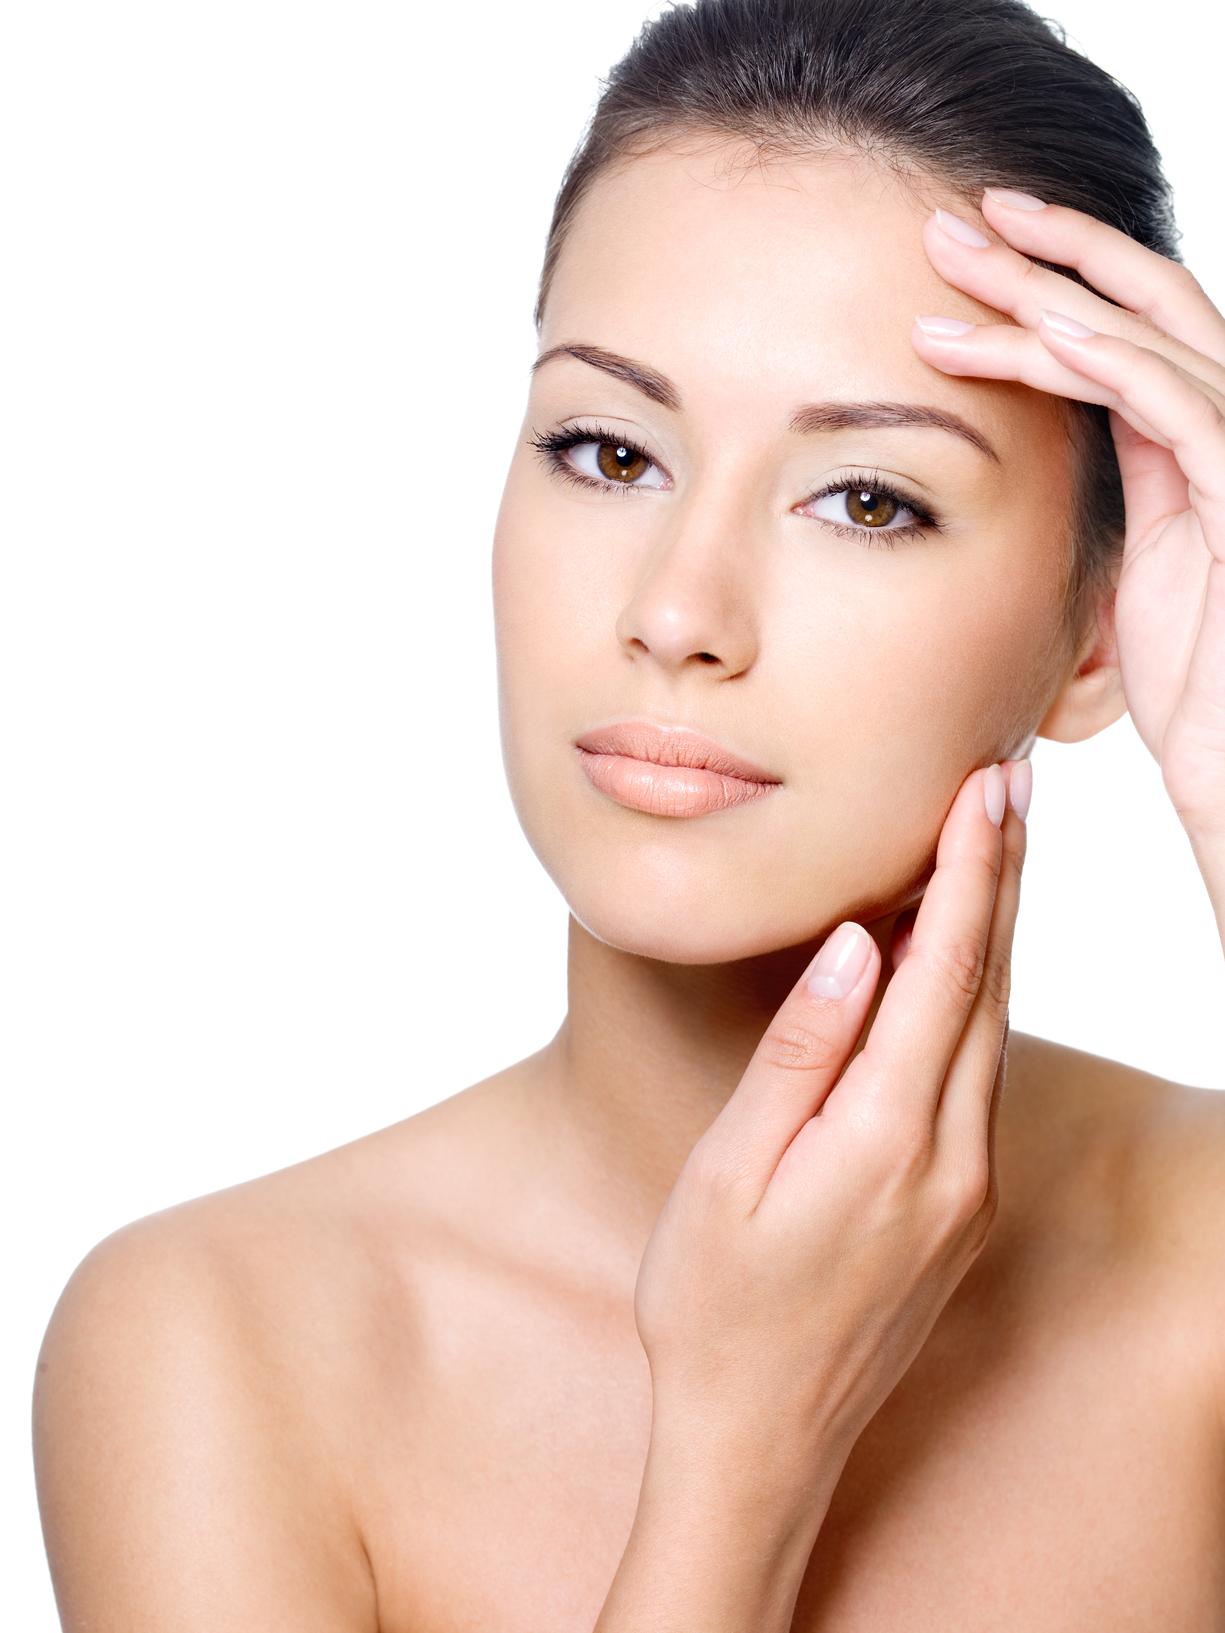 Biodermogenesi, ringiovanimento viso, centro di medicina estetica a cosenza